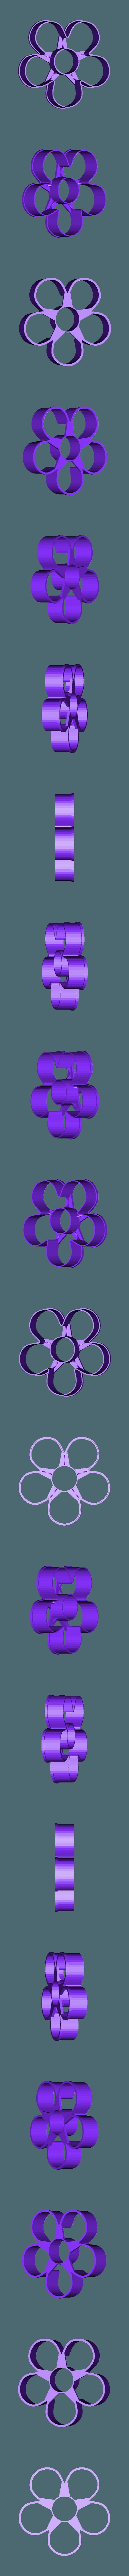 Flower_cookie.stl Télécharger fichier STL gratuit Coupe-biscuits à fleurs • Modèle à imprimer en 3D, c47